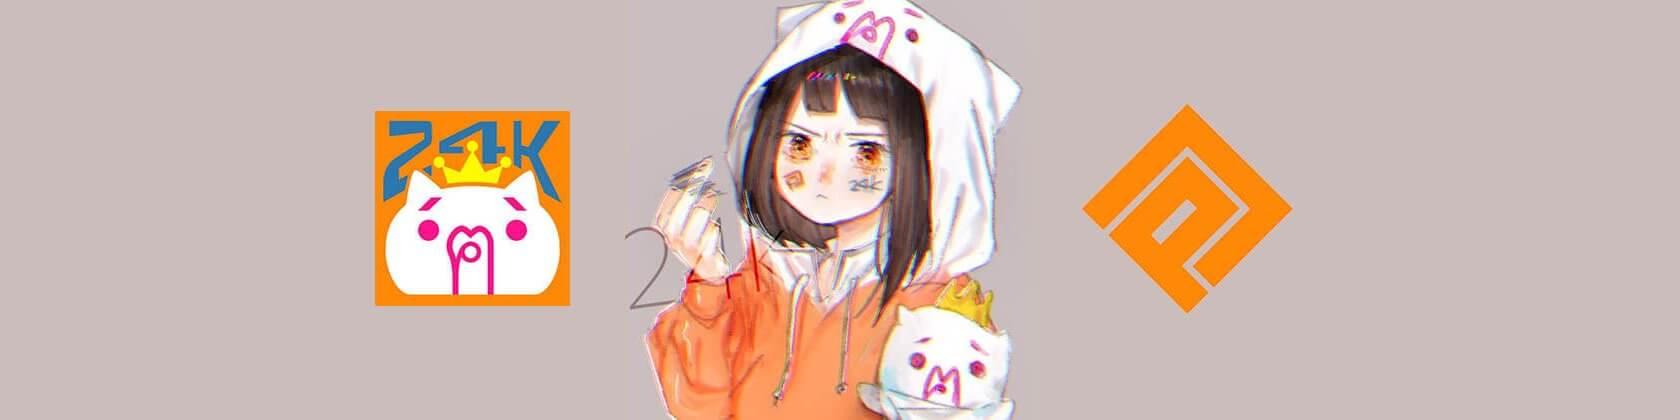 ネット恋愛でイッテQ〜私を騙したな!!